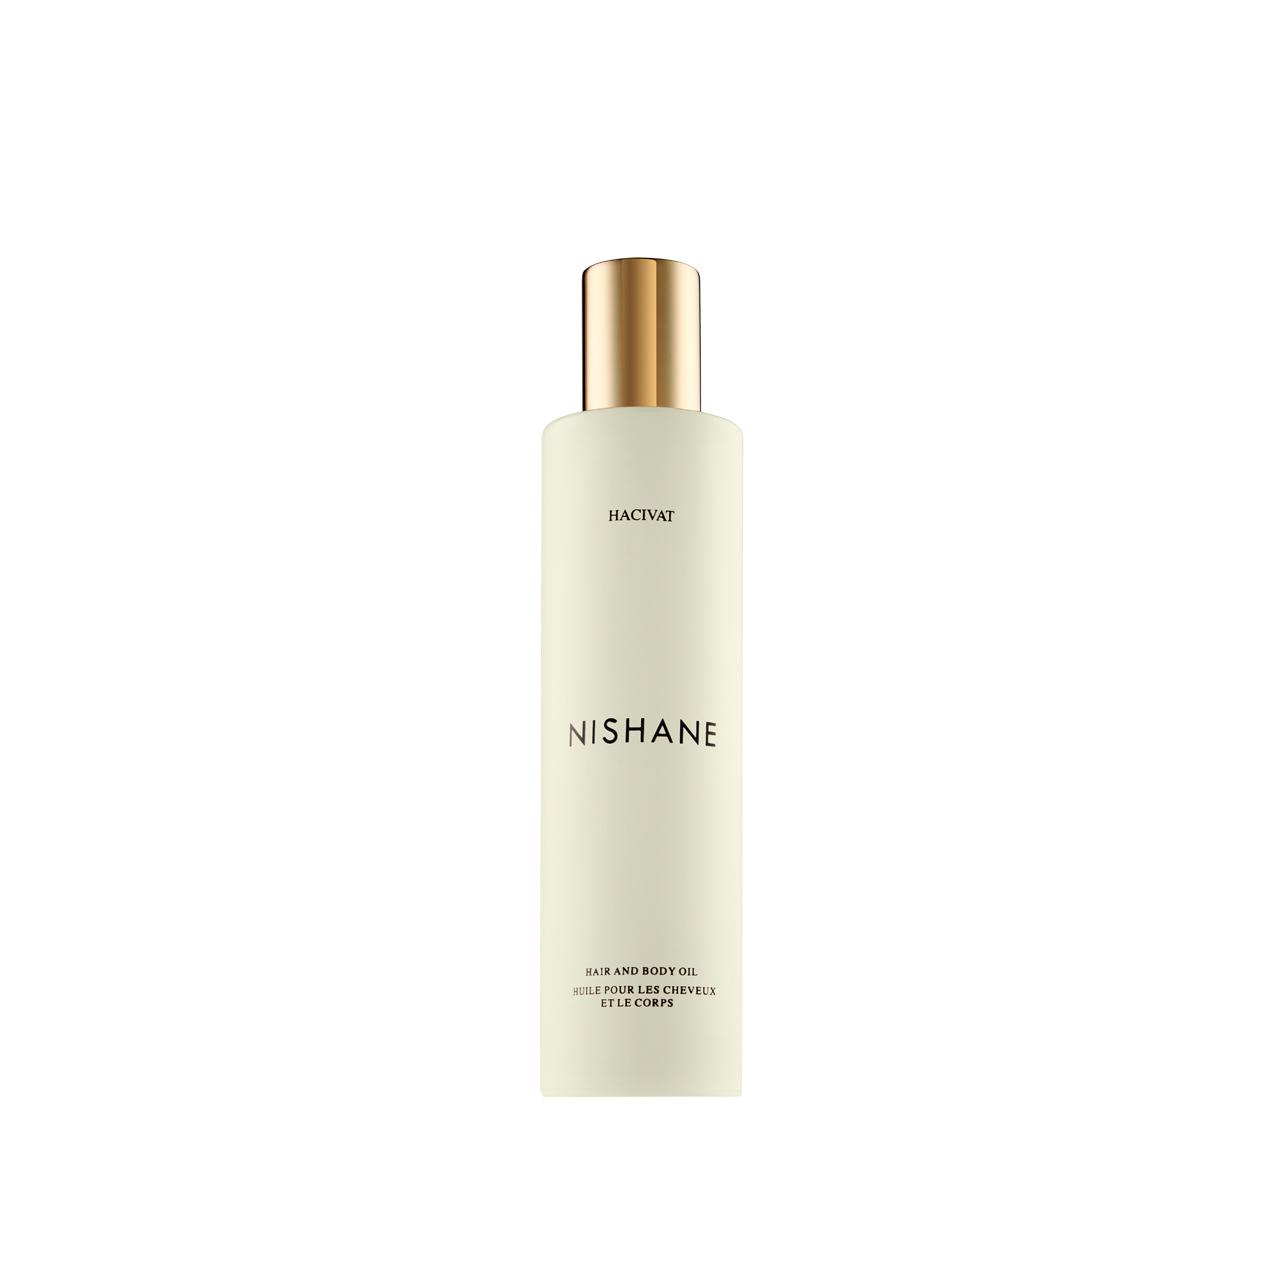 Hacivat - Hair & Body Oil